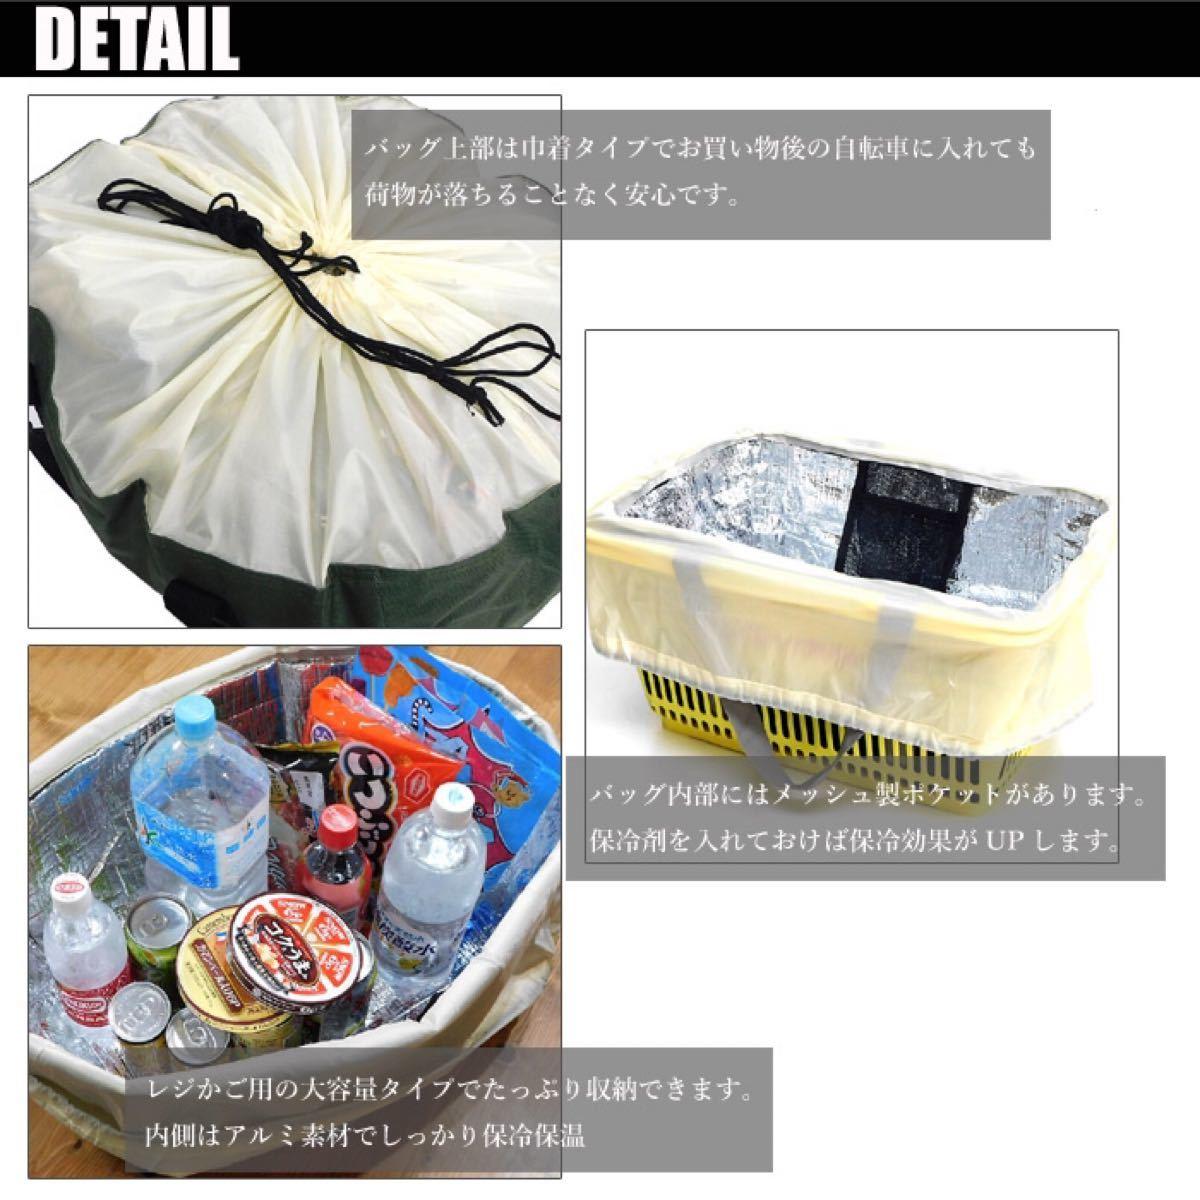 大容量 保冷バッグ クーラーバッグ エコバッグ 巾着 カゴバッグ レジバッグ レジカゴバッグ 折りたたみ 保冷 エコバッグ BE